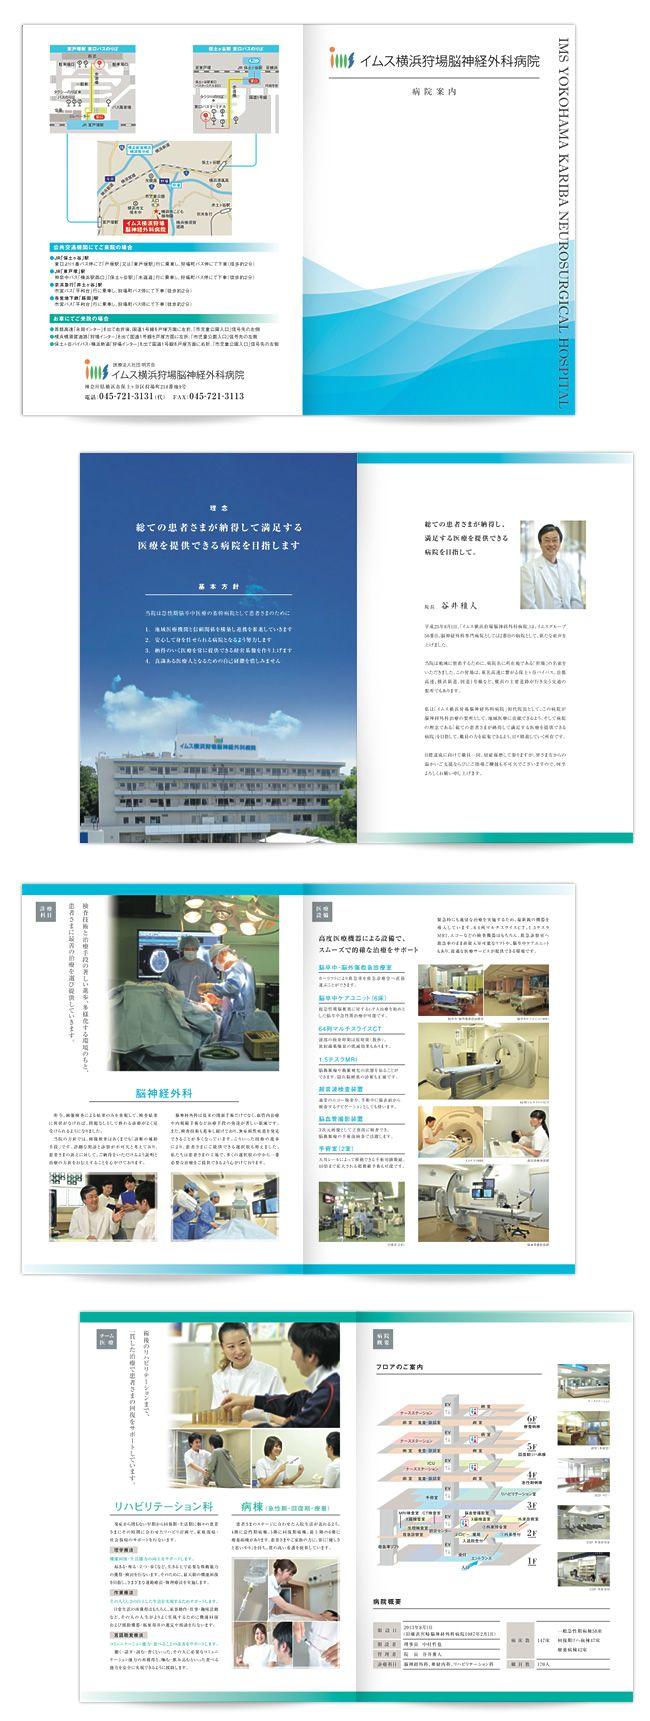 病院案内パンフレット(イムス横浜狩場脳神経外科病院 様) | 株式会社コミュネクスト